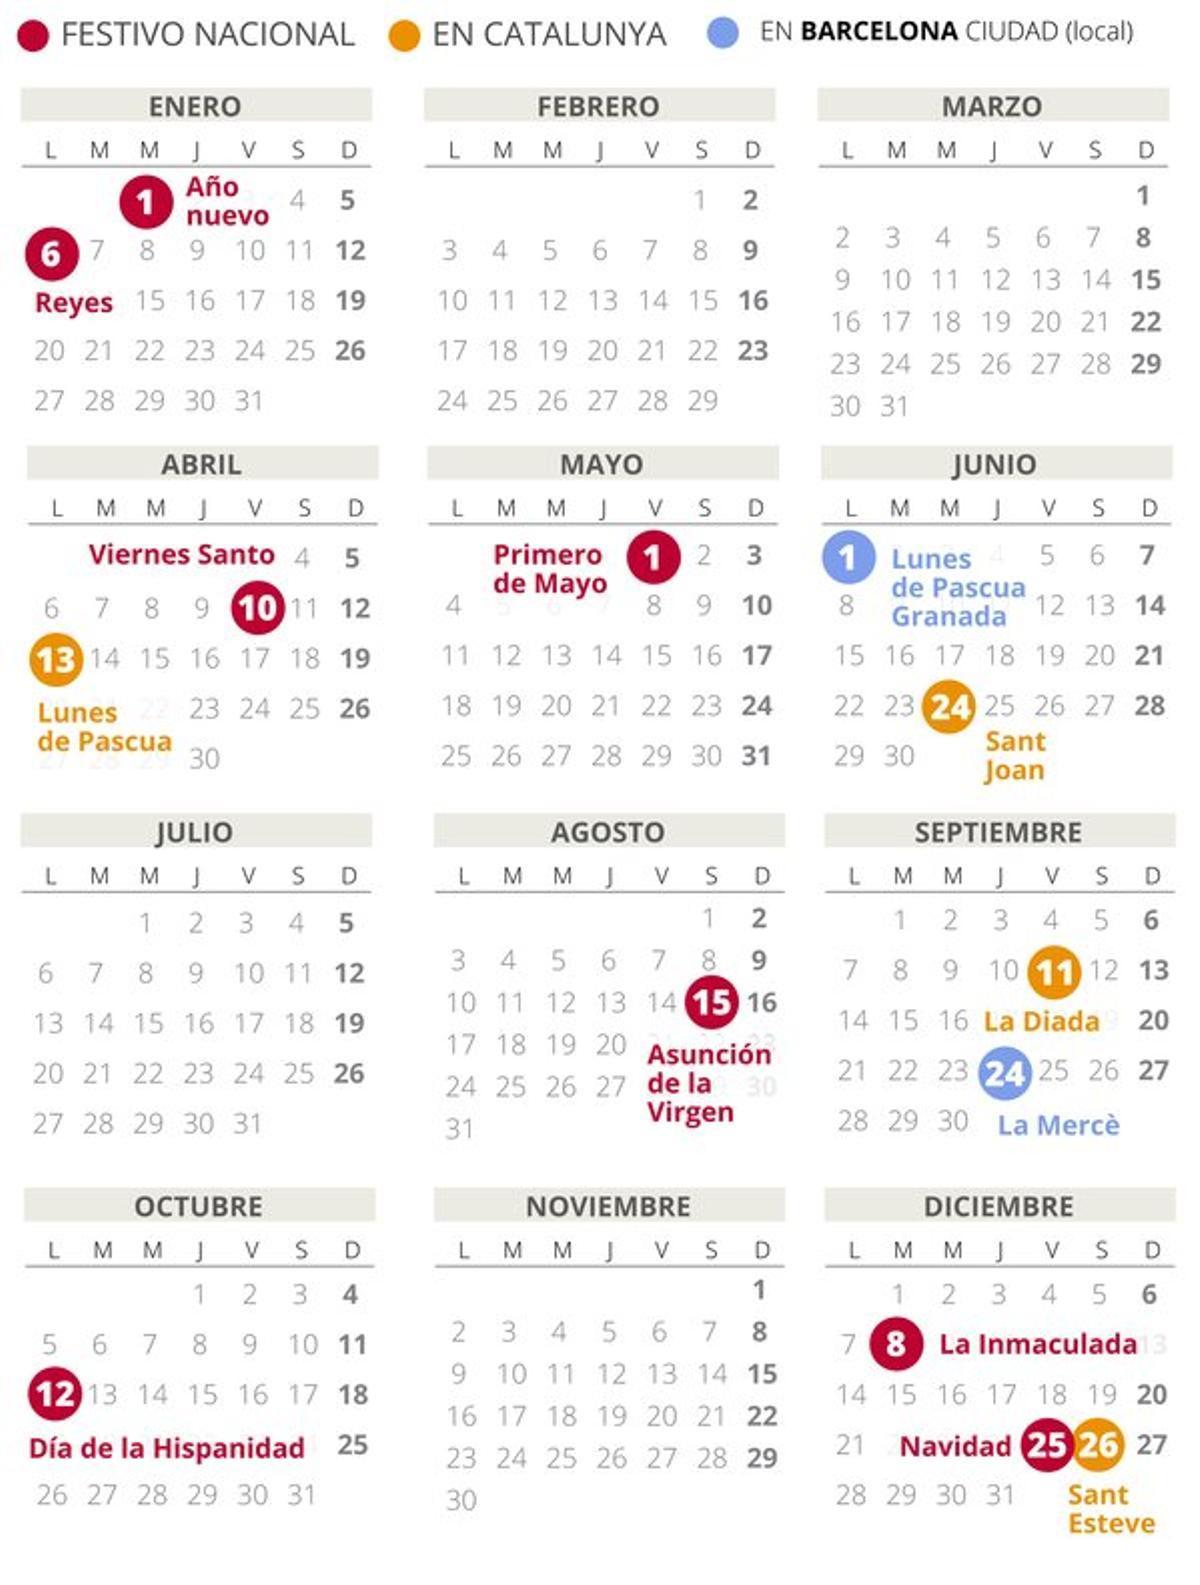 Calendario laboral de Barcelona del 2020.